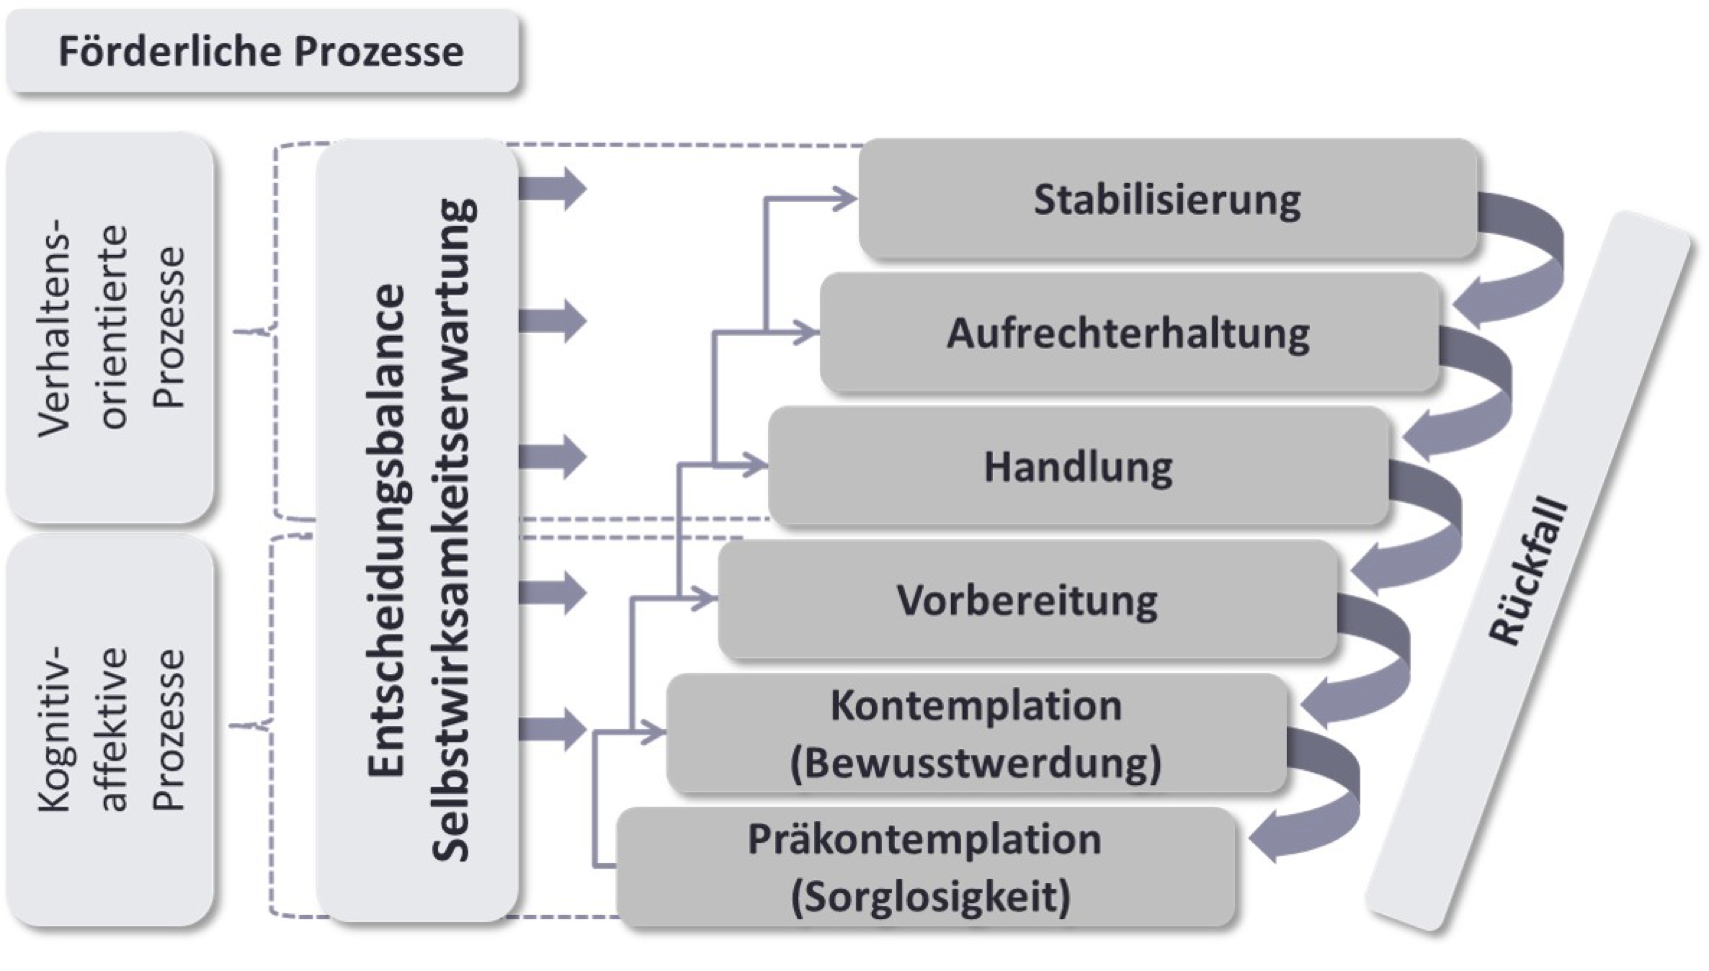 Transtheoretisches Modell der Verhaltensänderung (Trans